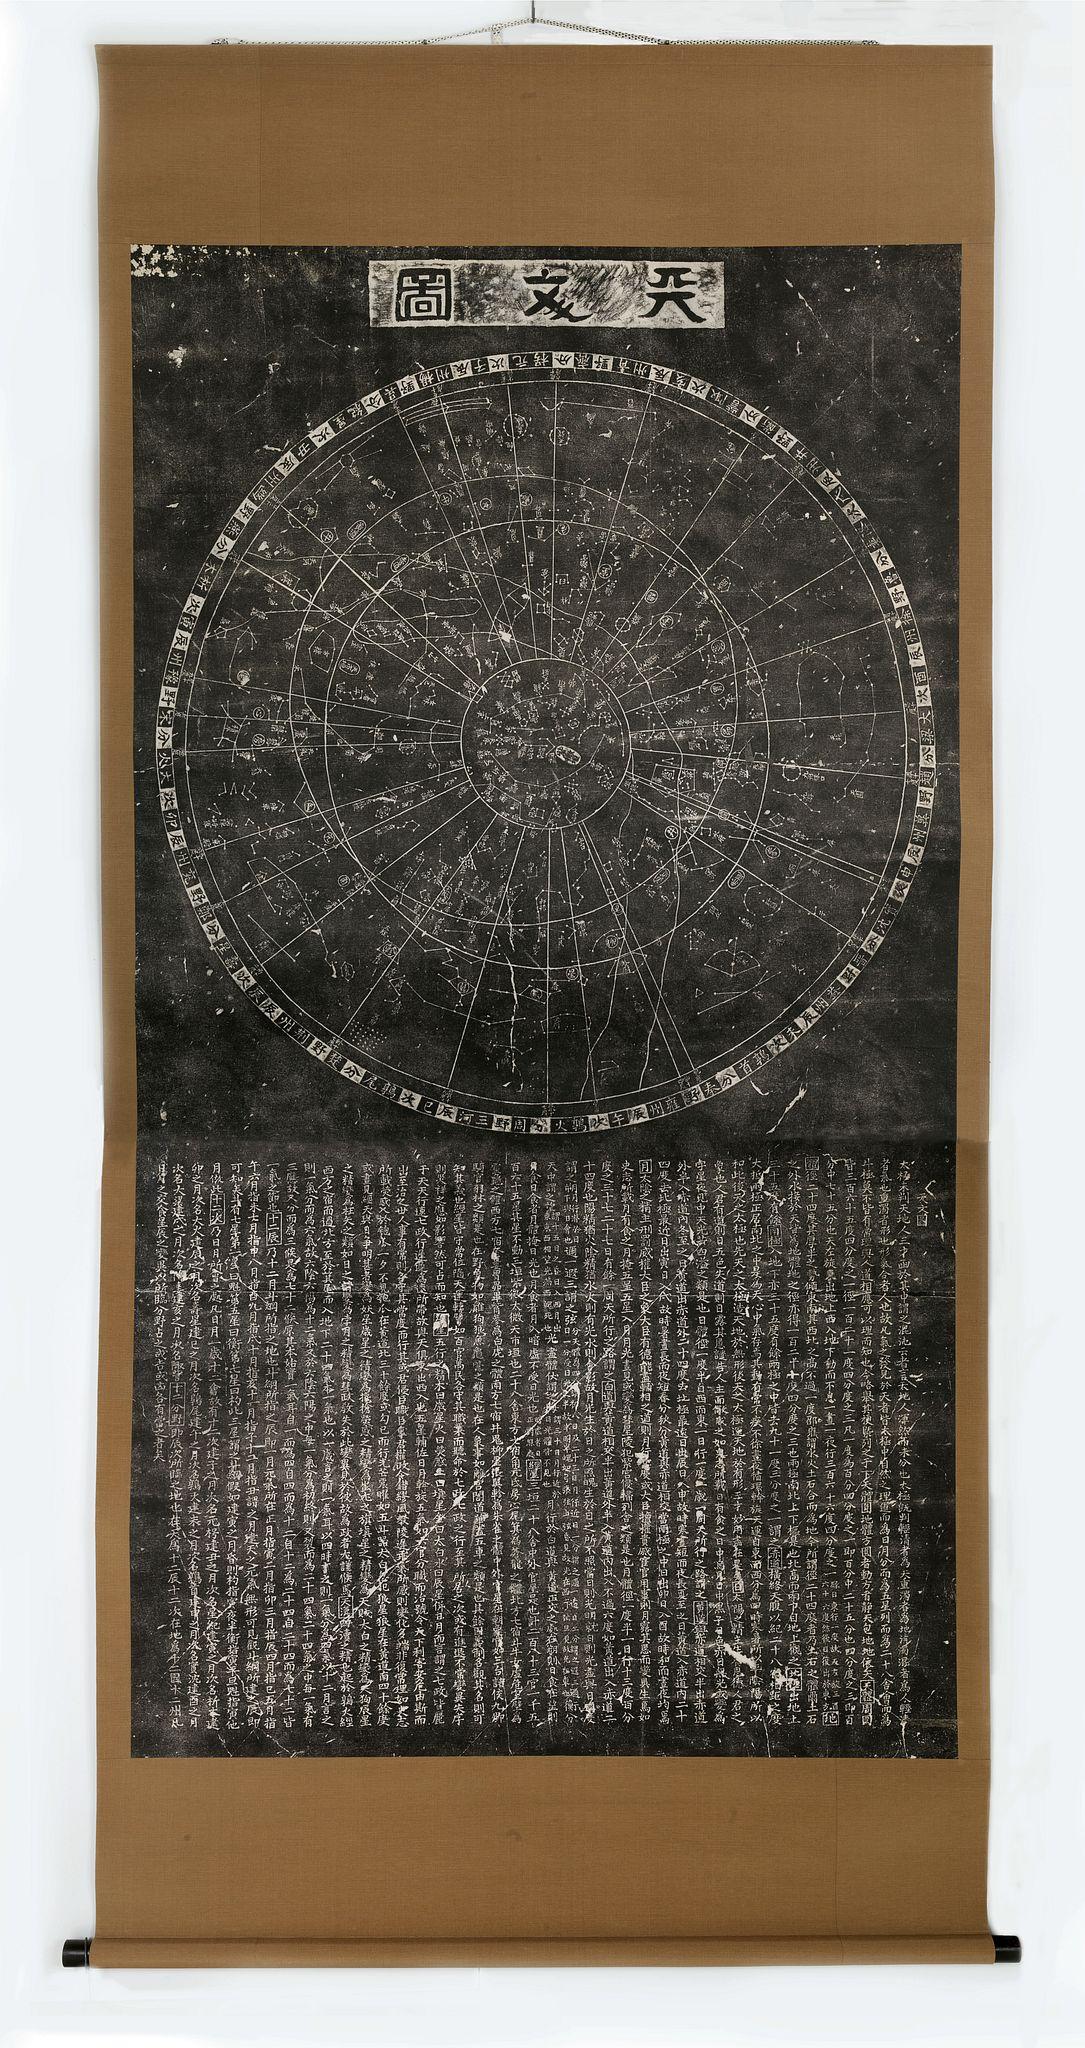 [Wang Zhiyuan after Huang Shang] - T'ien wên t'u [A Map of the Stars]